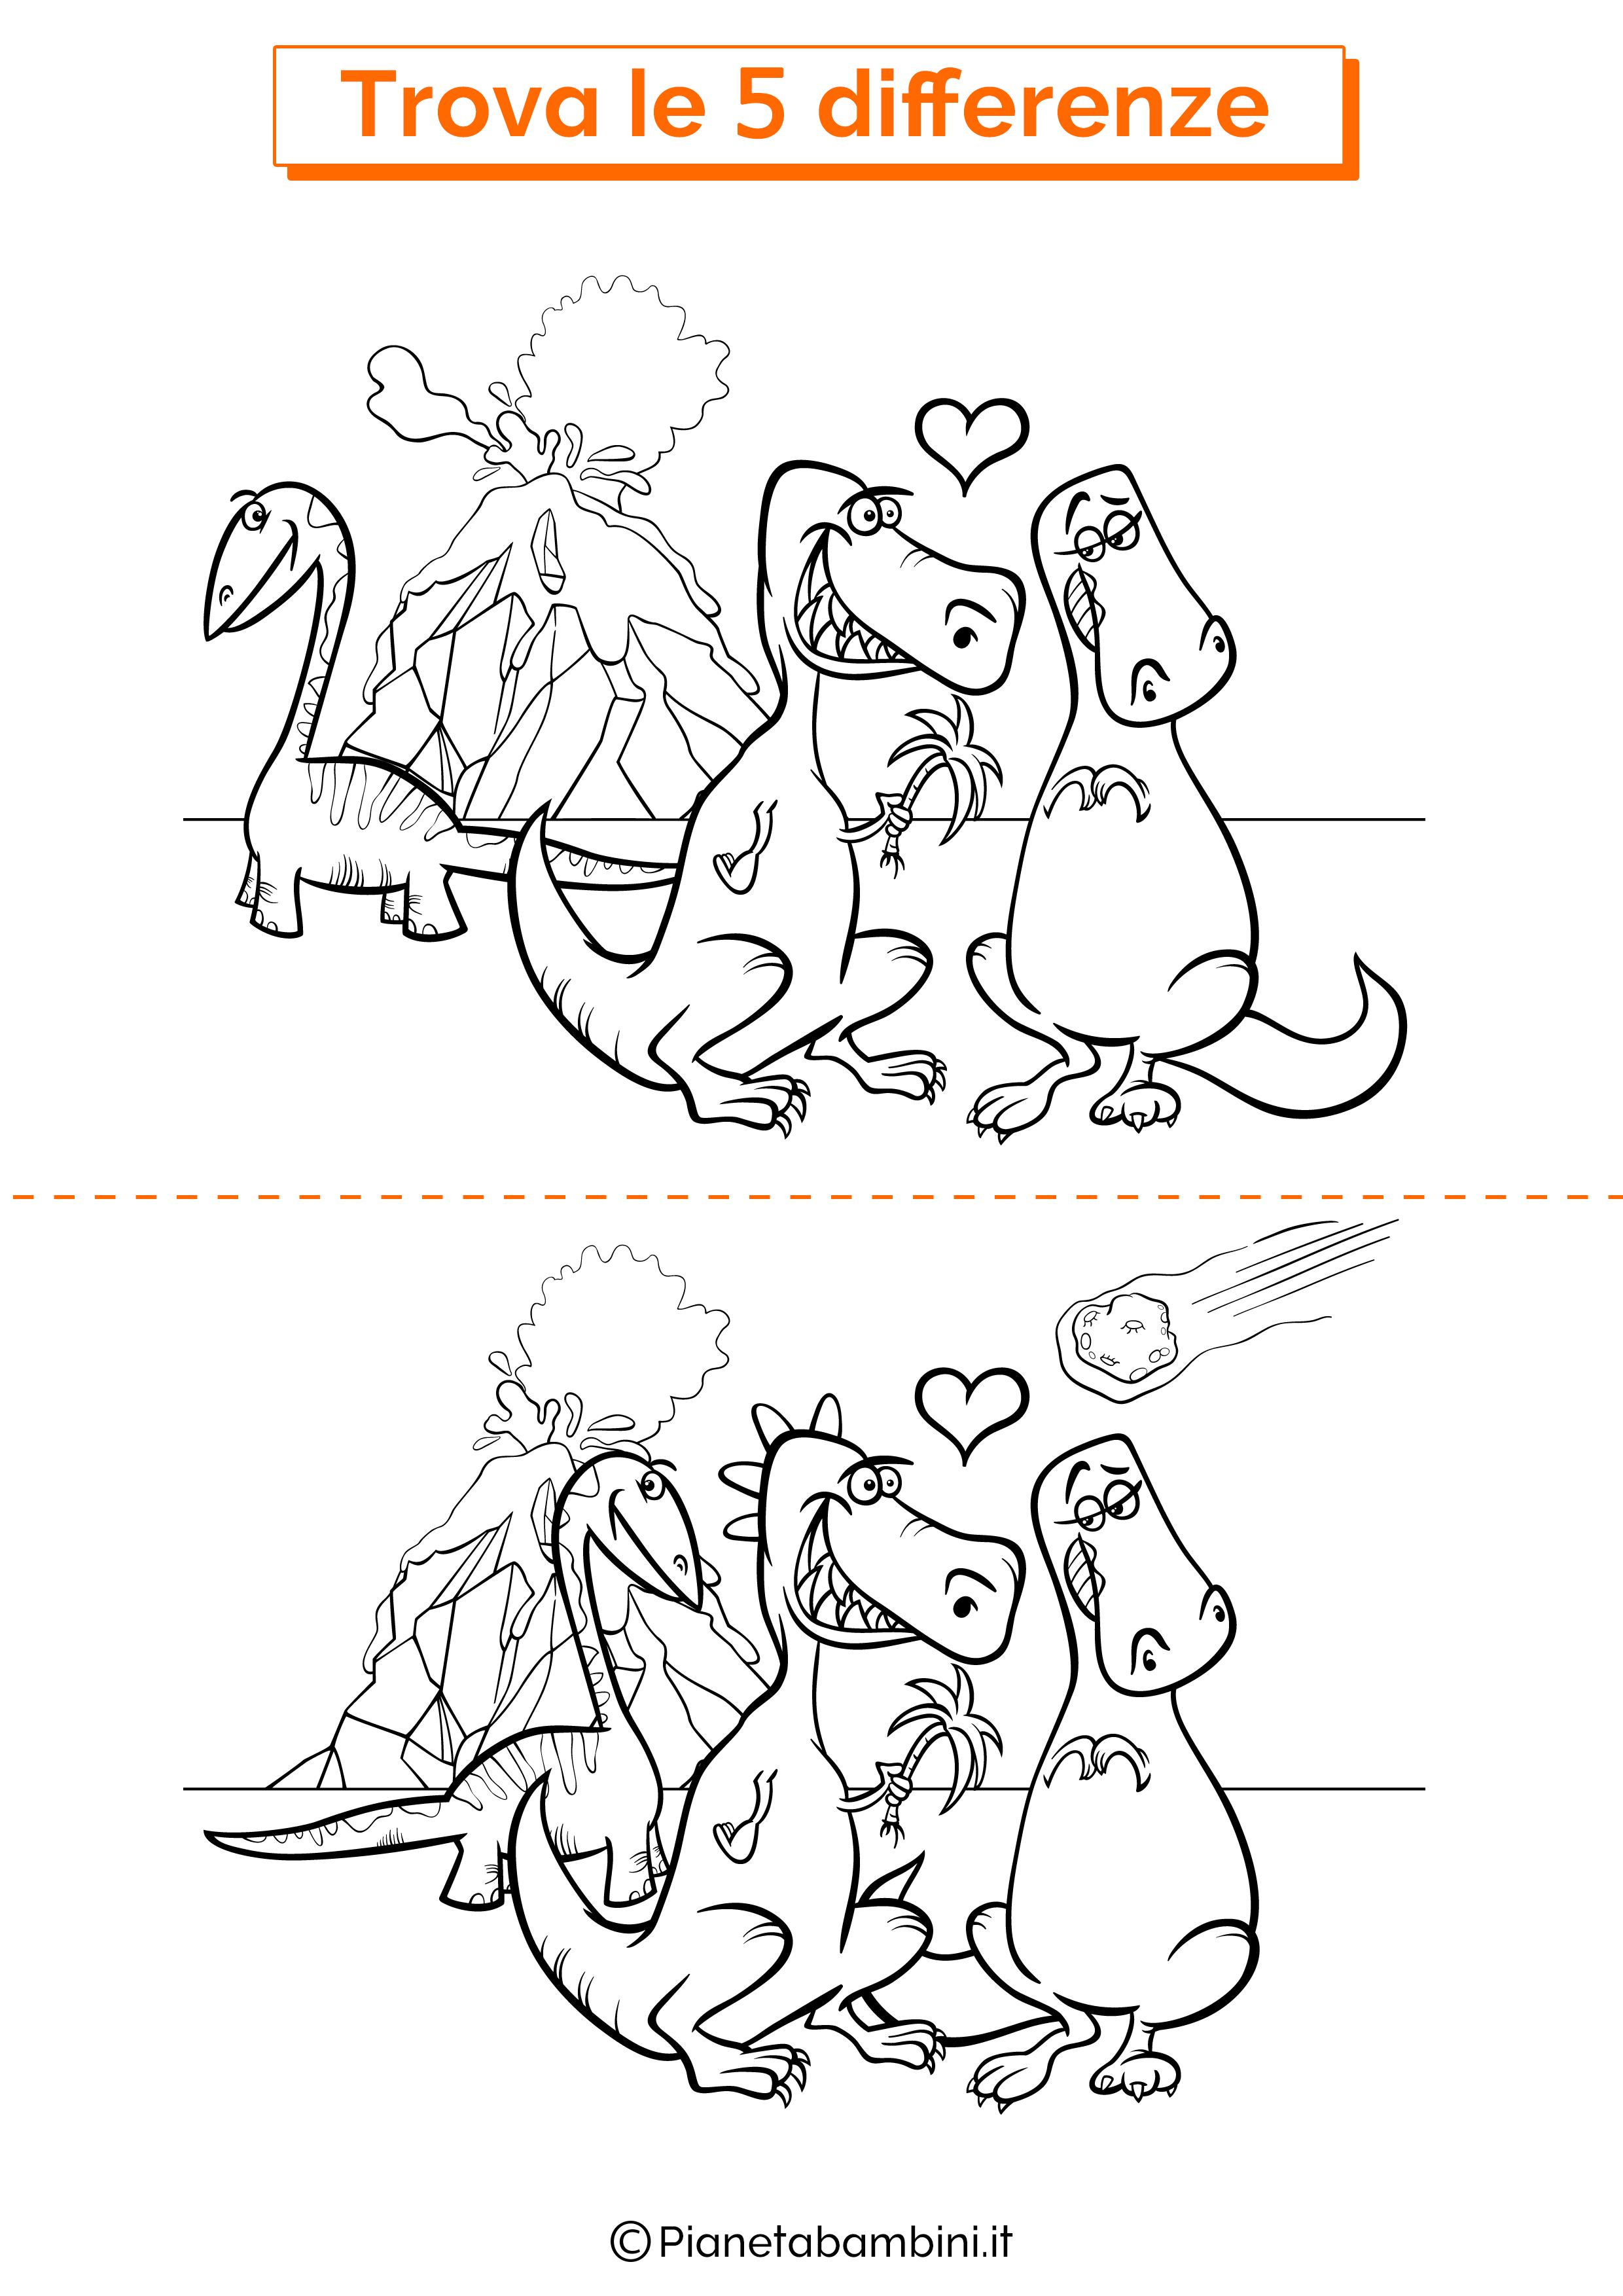 Disegno trova 5 differenze dinosauri